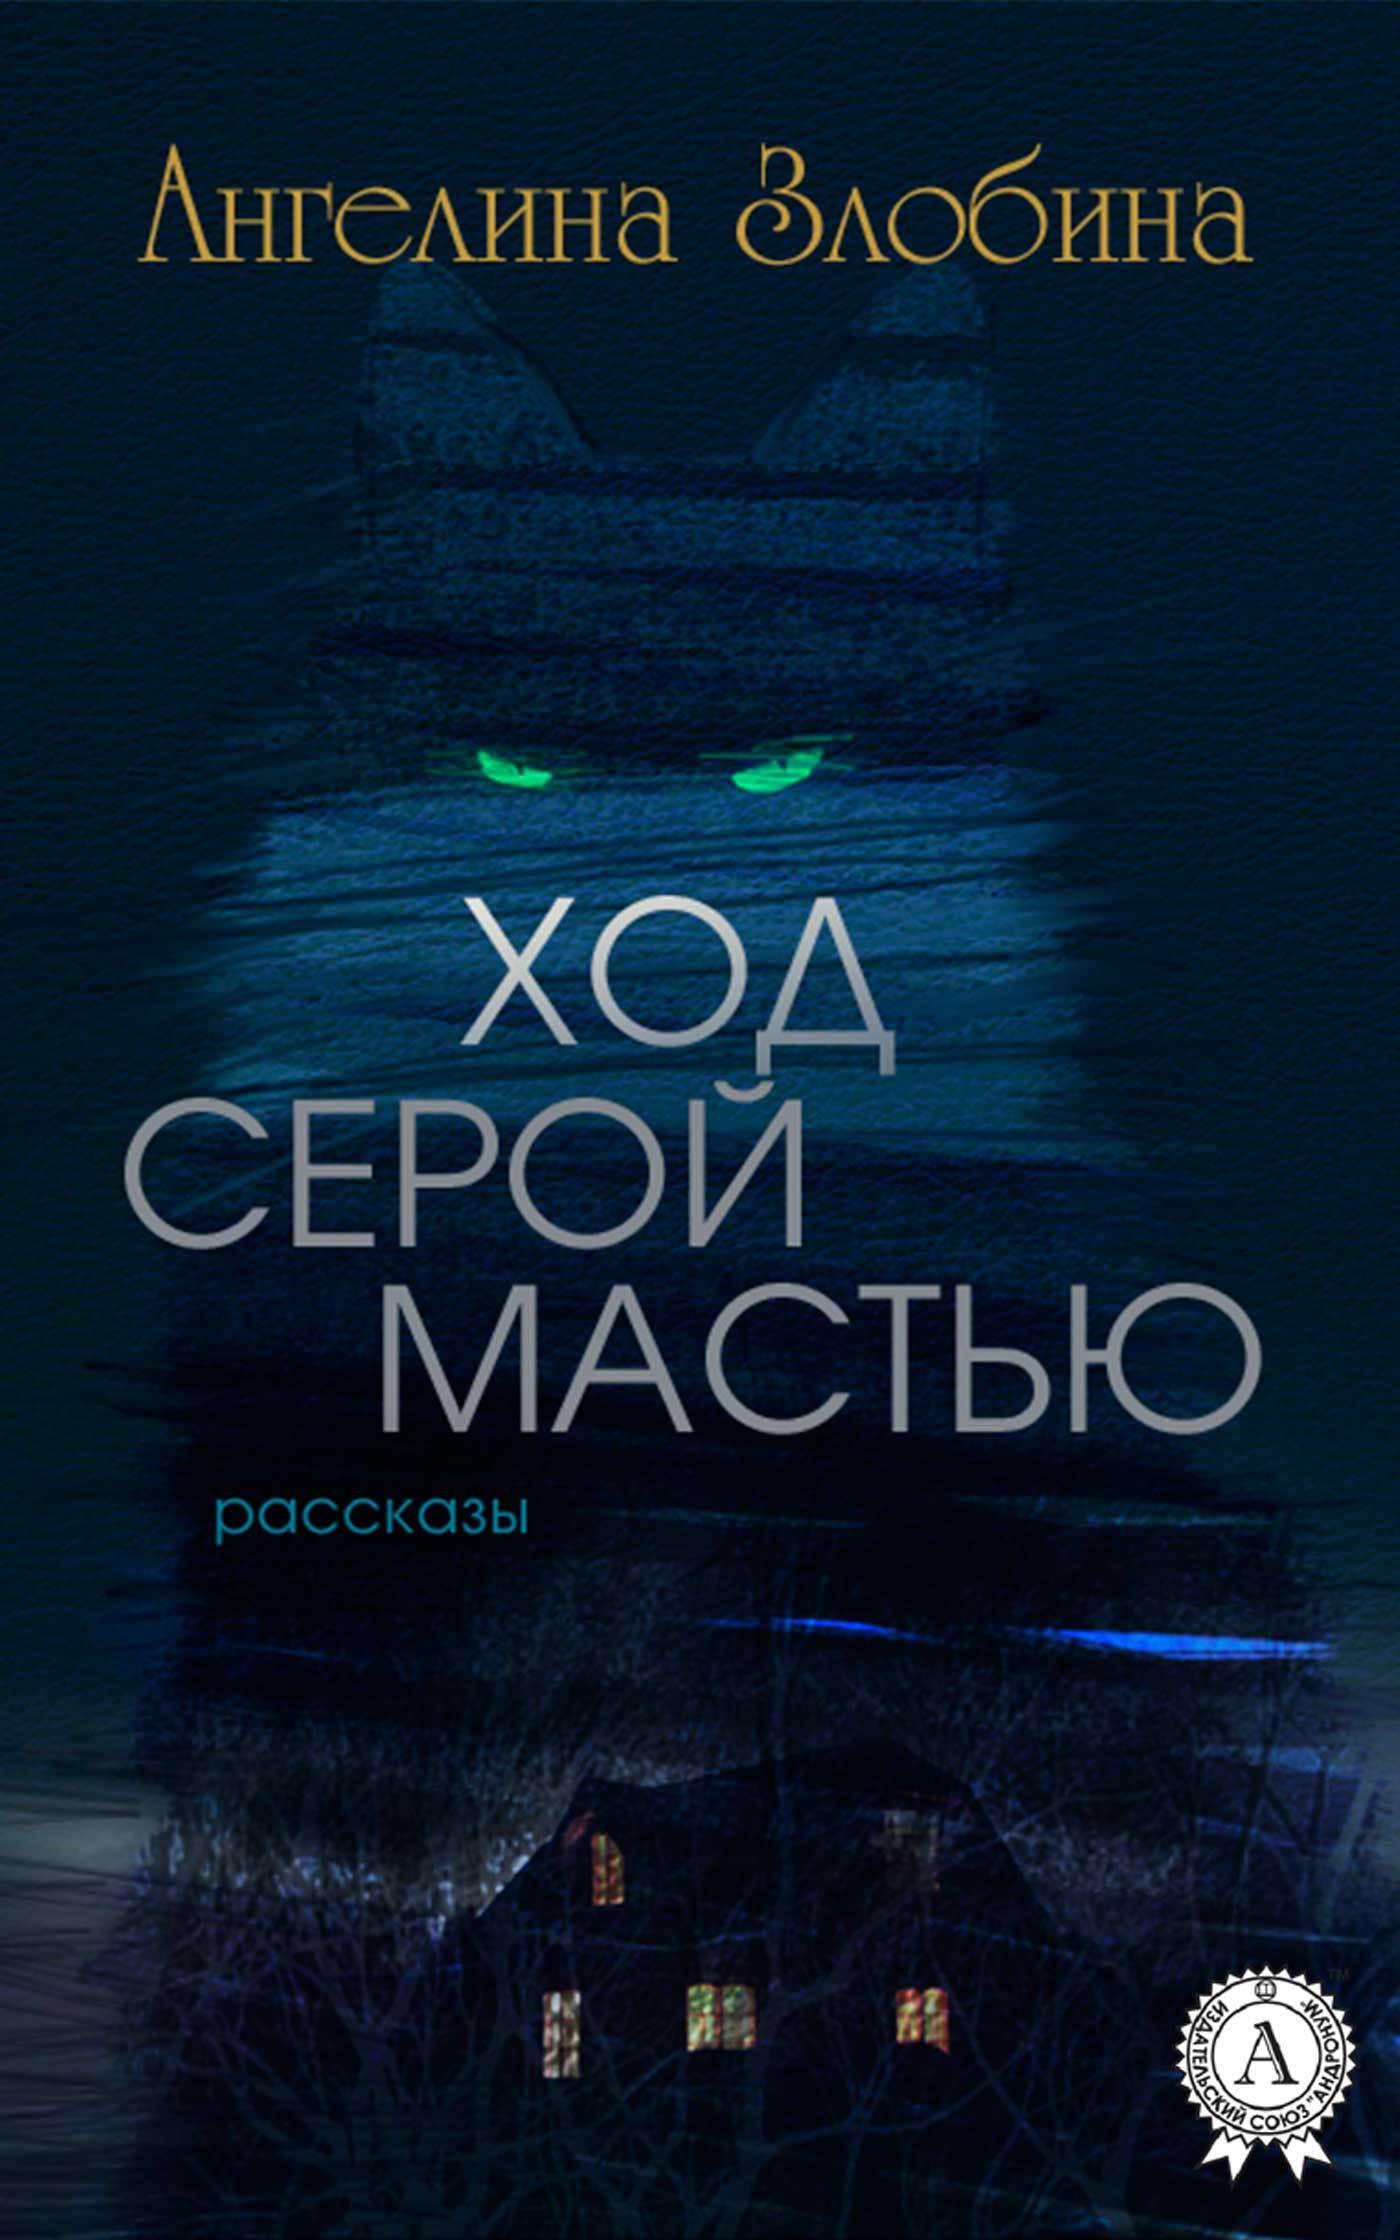 Ангелина Злобина - Ход серой мастью (Сборник рассказов)